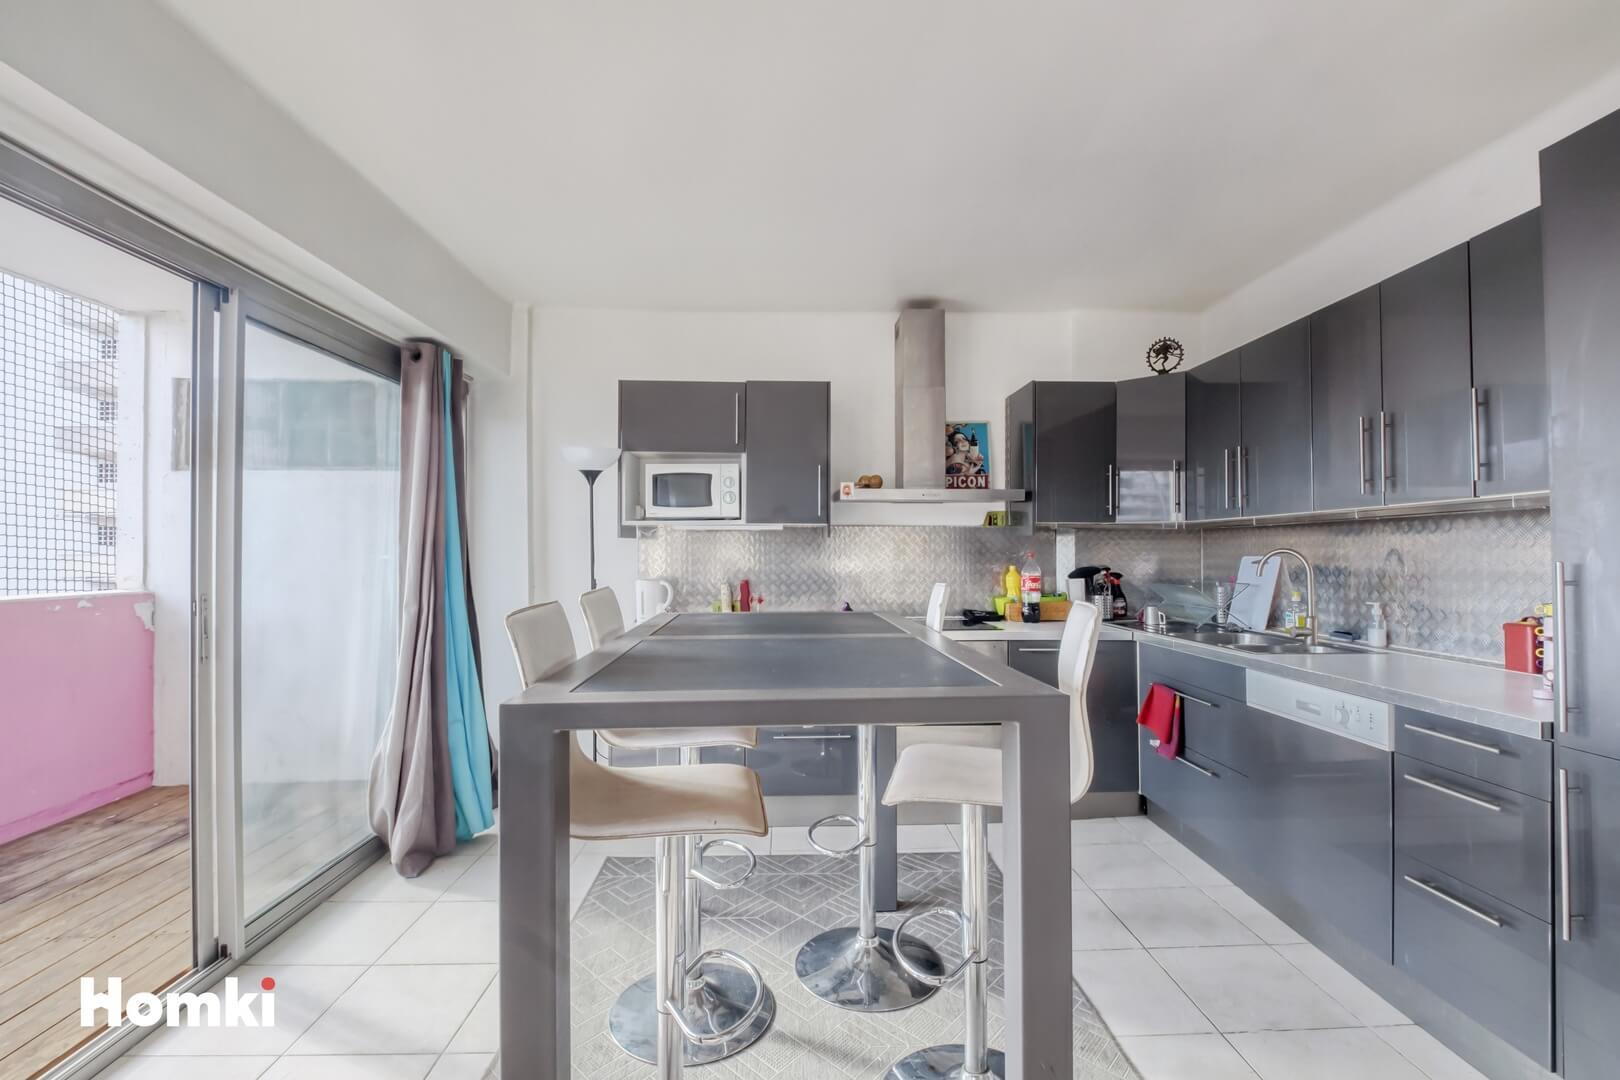 Homki - Vente Appartement  de 75.0 m² à Toulouse 31200